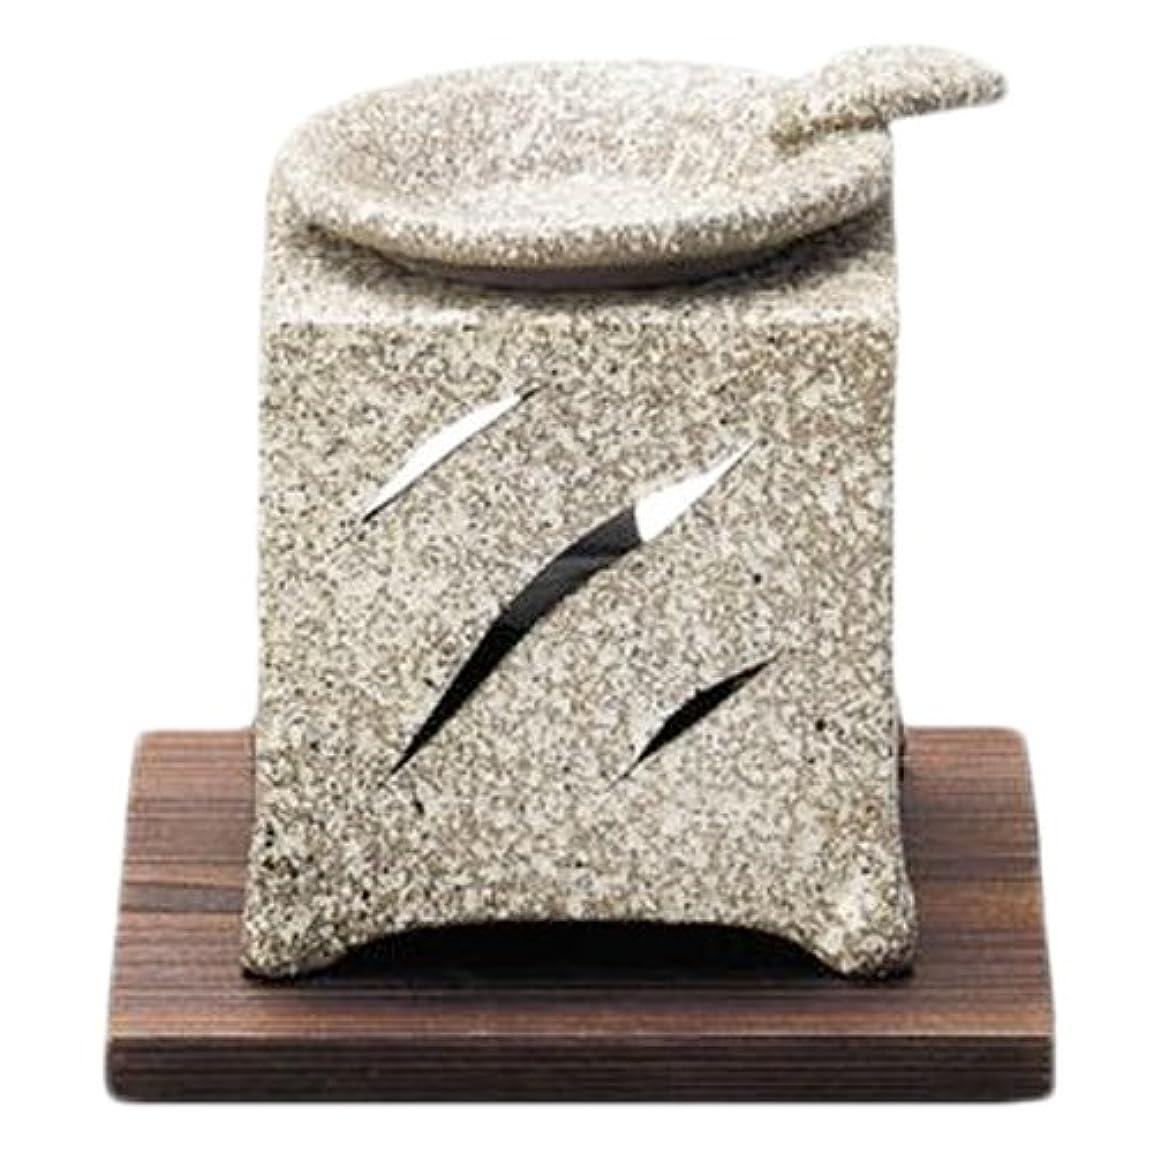 ターミナル曖昧なプログレッシブ常滑焼5-261山房 石風角形茶香炉 AM-T1054